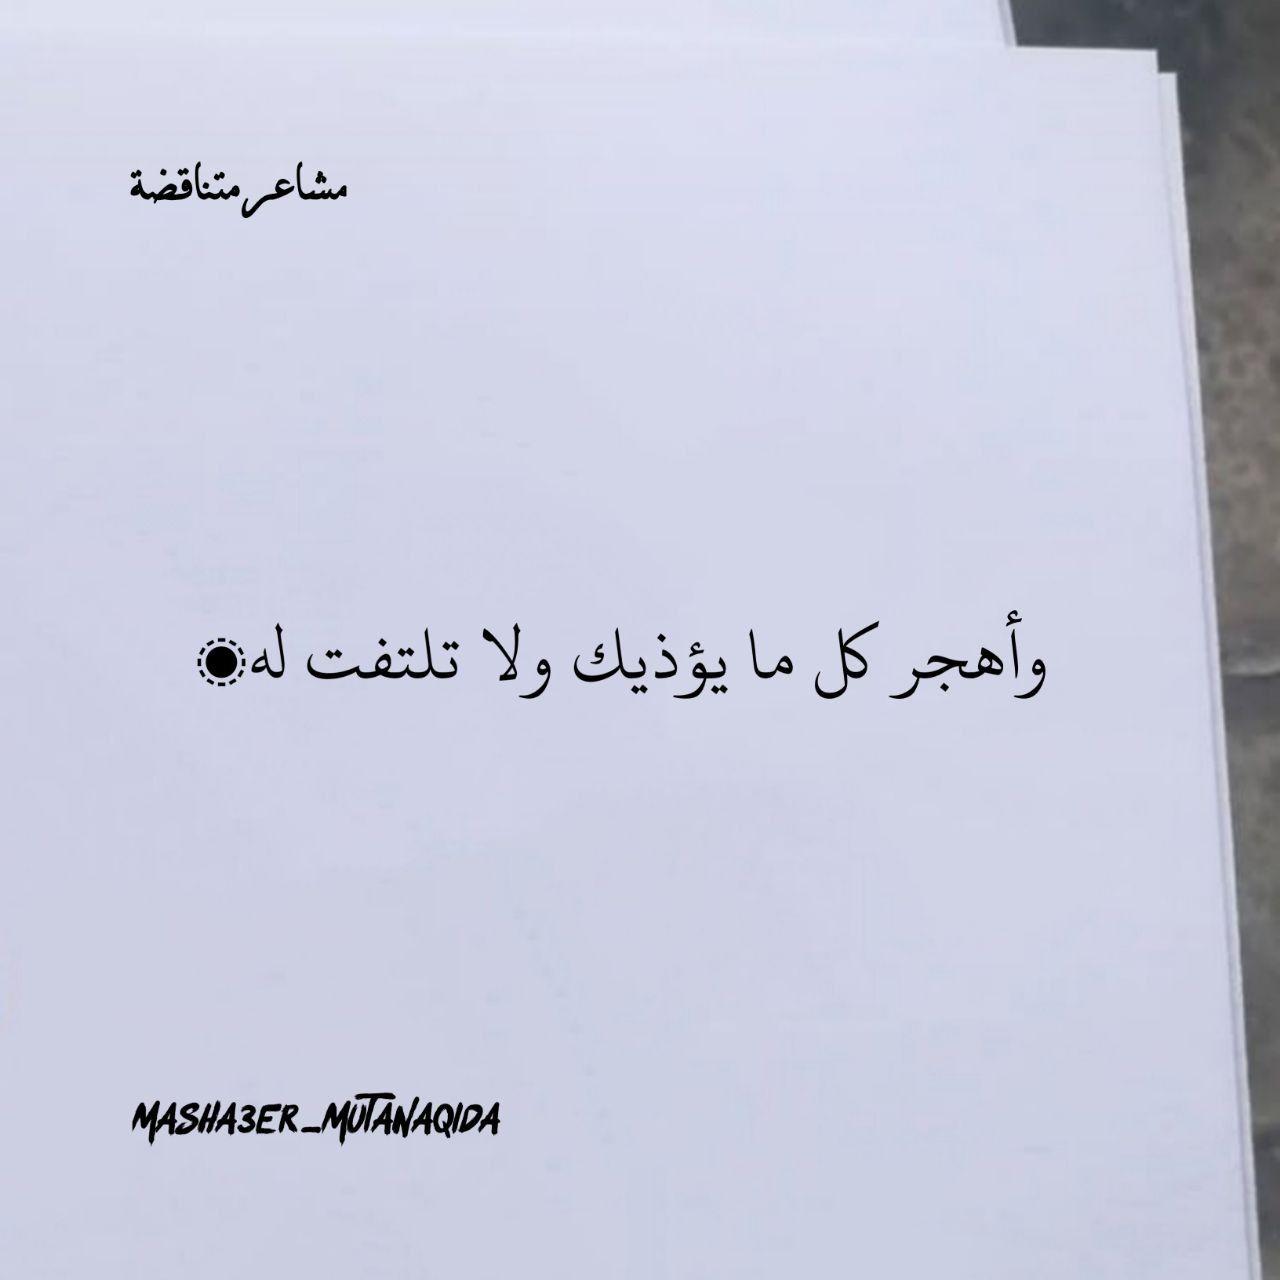 وأهجر كل ما يؤذيك ولا تلتفت له Math Calligraphy Arabic Calligraphy